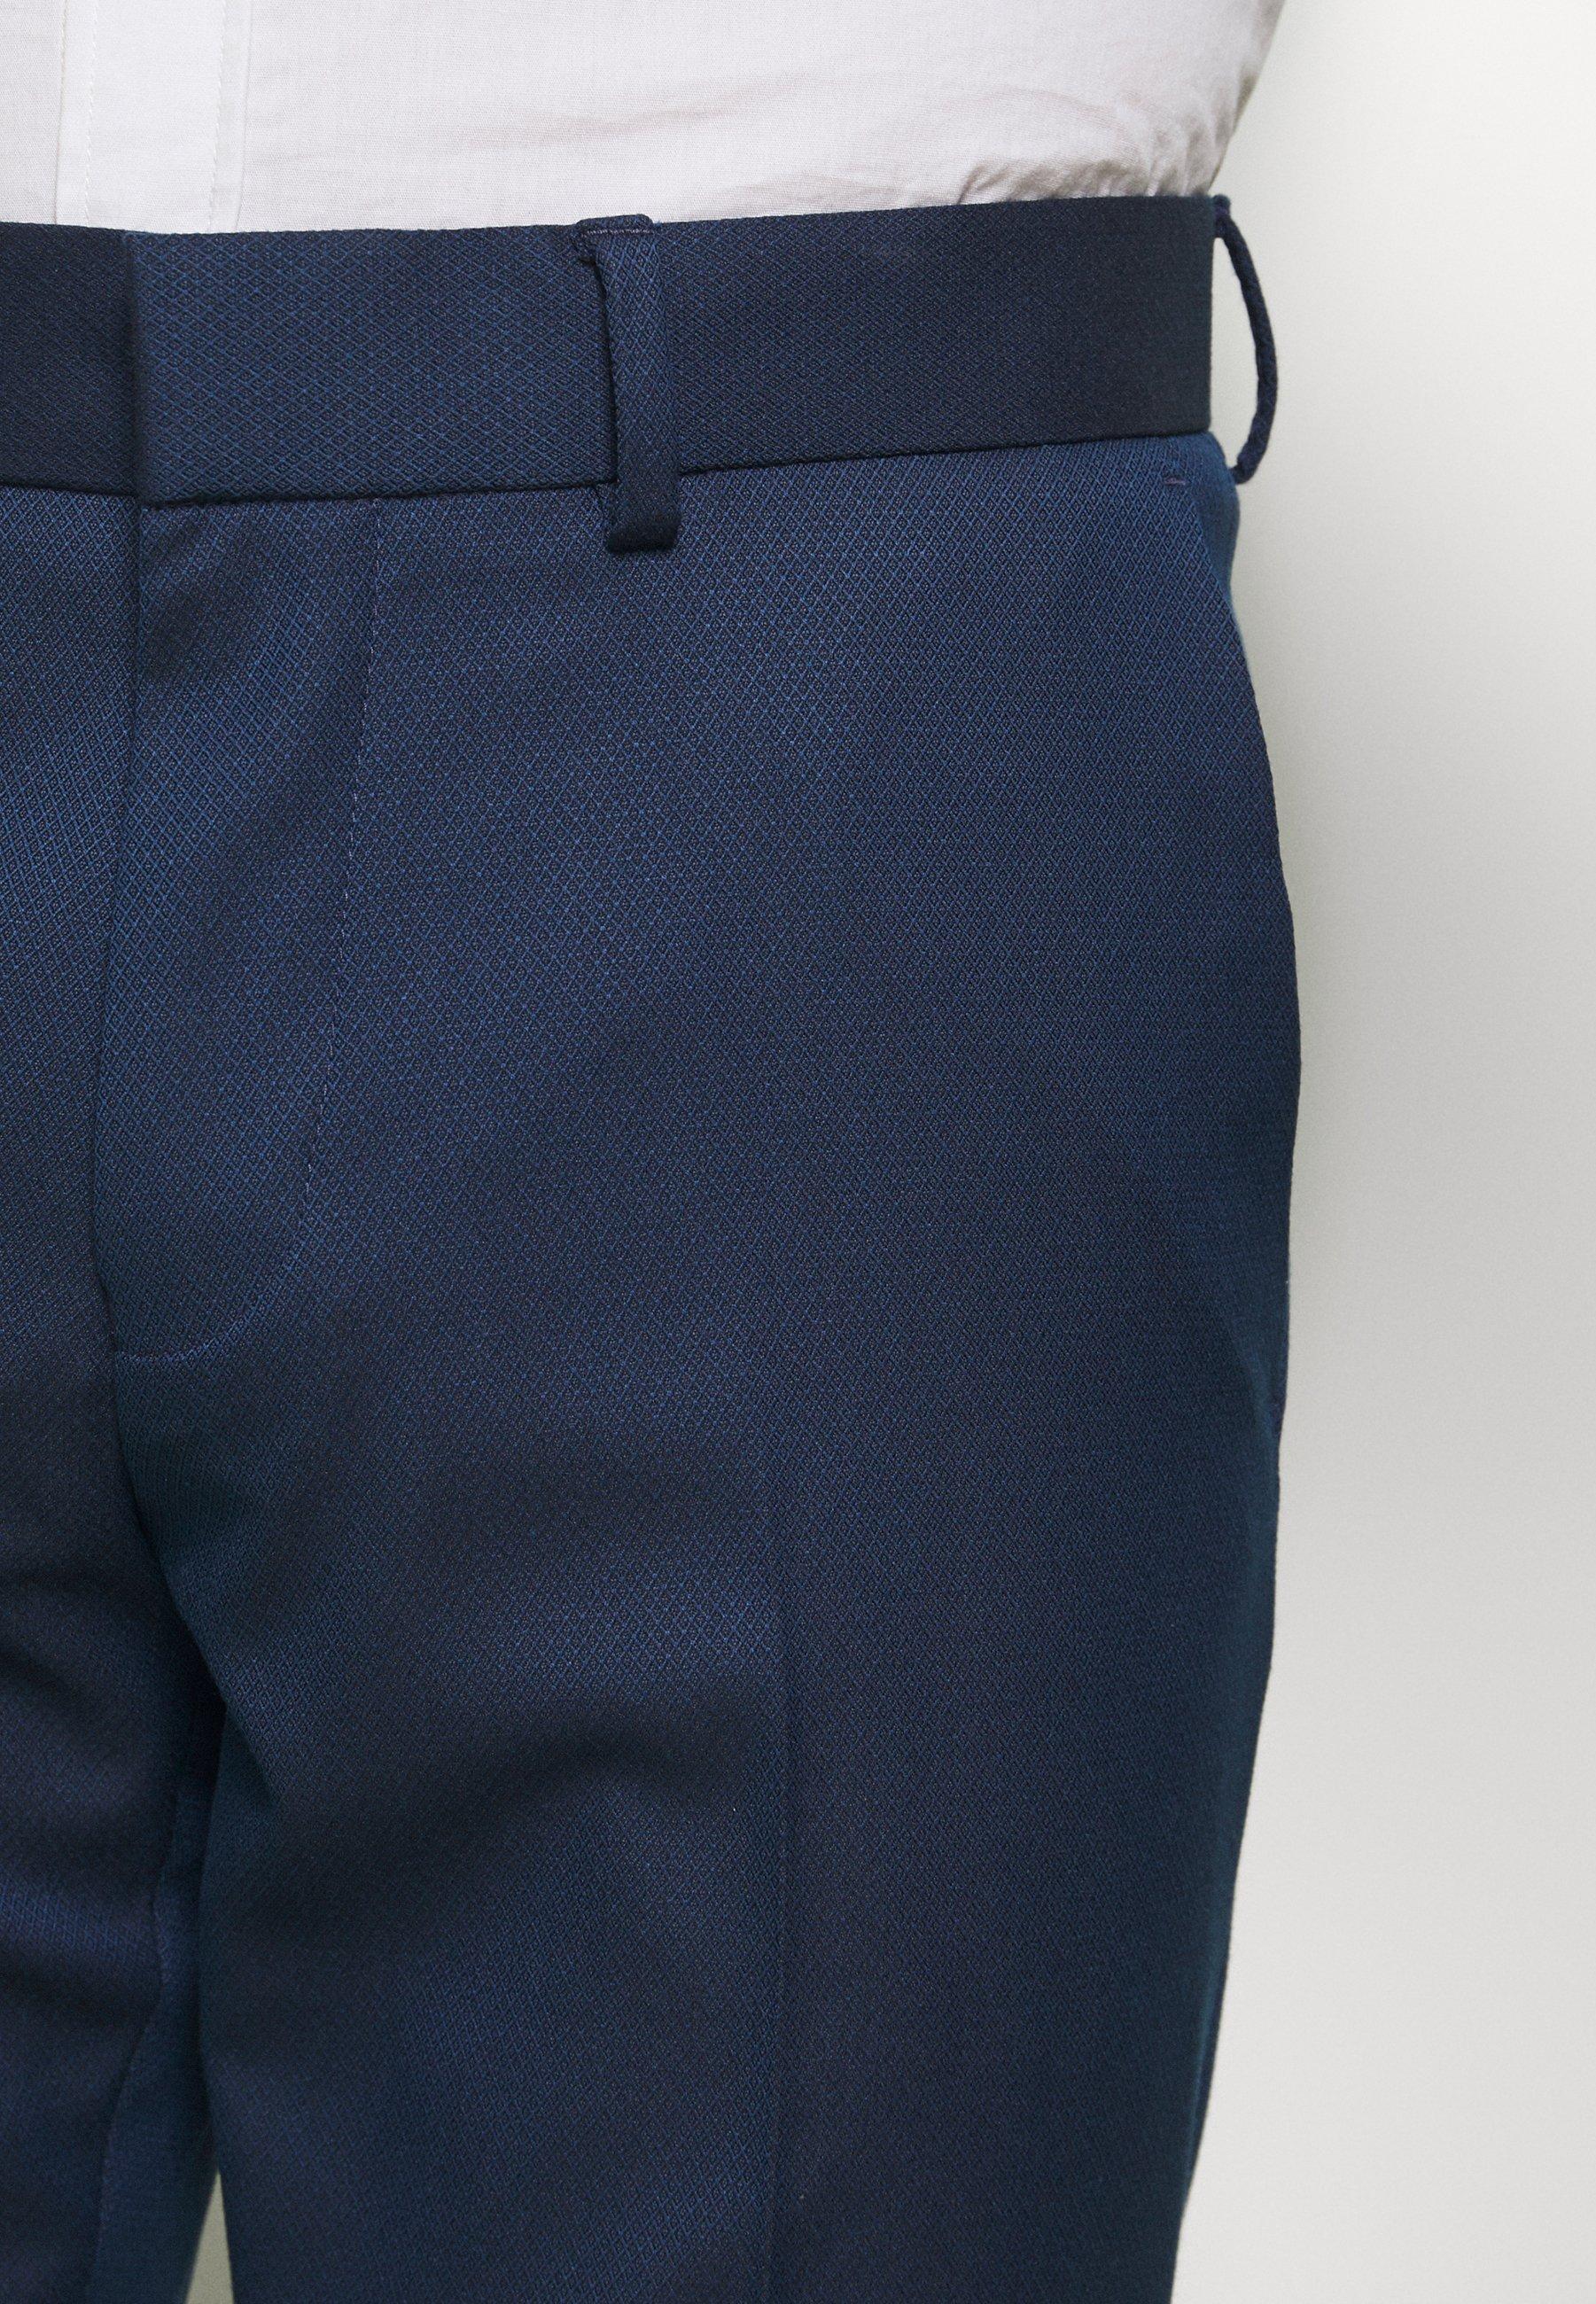 Myymälä Miesten vaatteet Sarja dfKJIUp97454sfGHYHD Isaac Dewhirst Puku dark blue